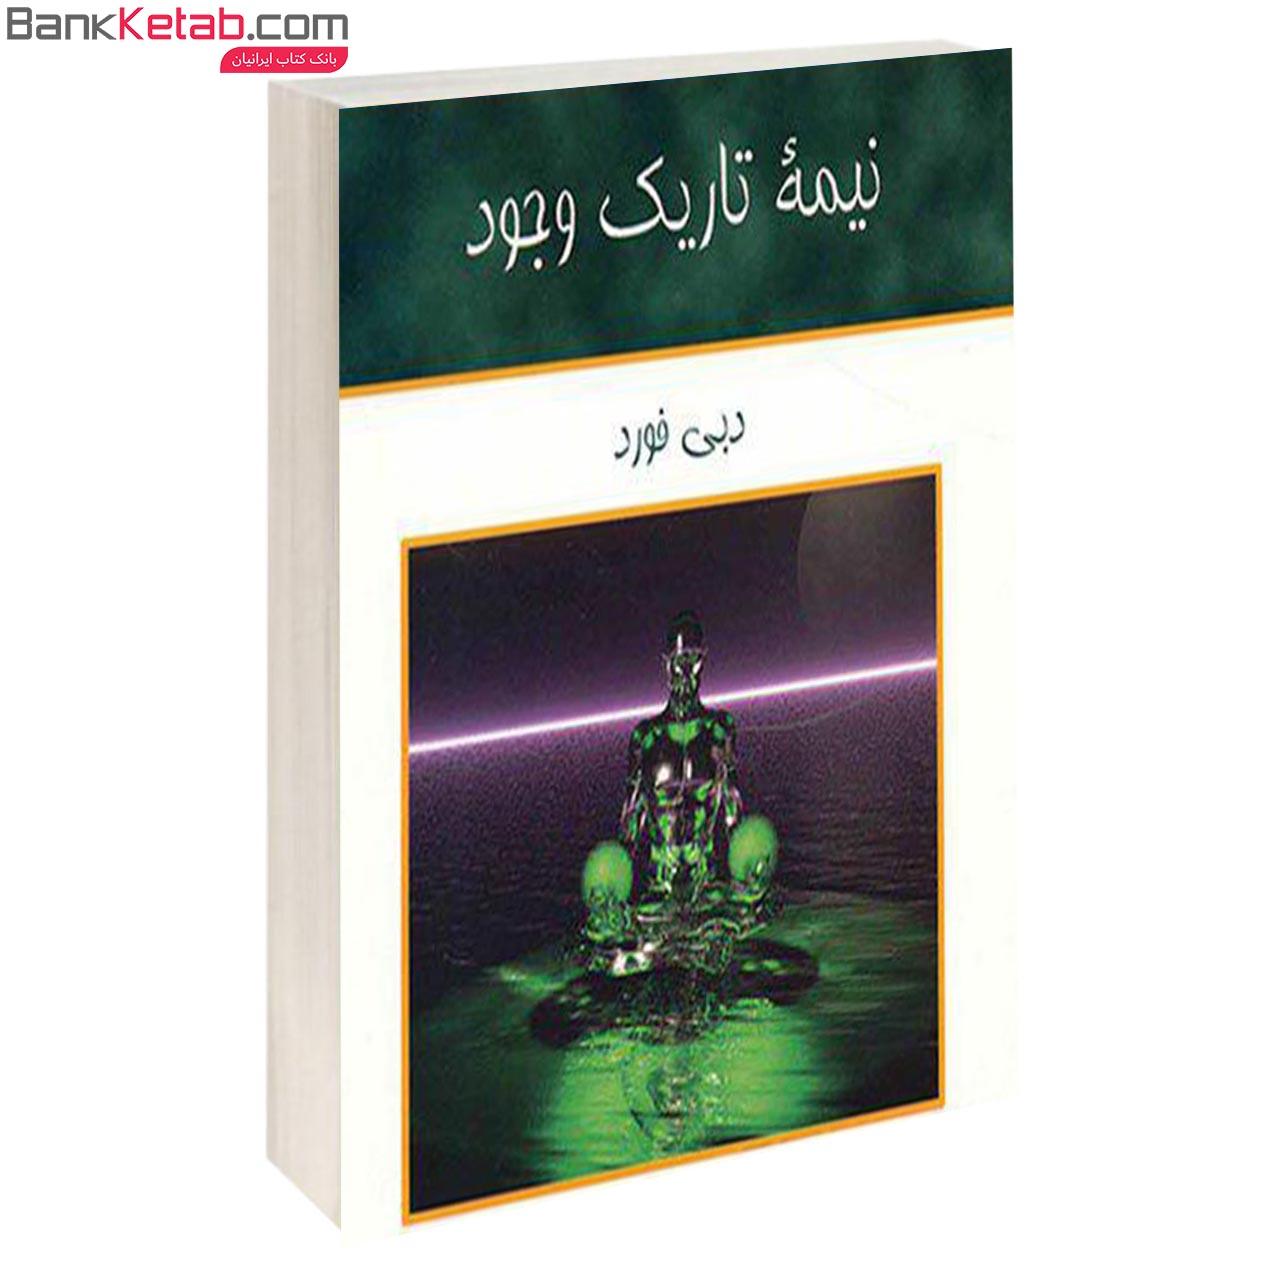 کتاب نیمه تاریک وجود اثر دبی فورد نشر حمیدا